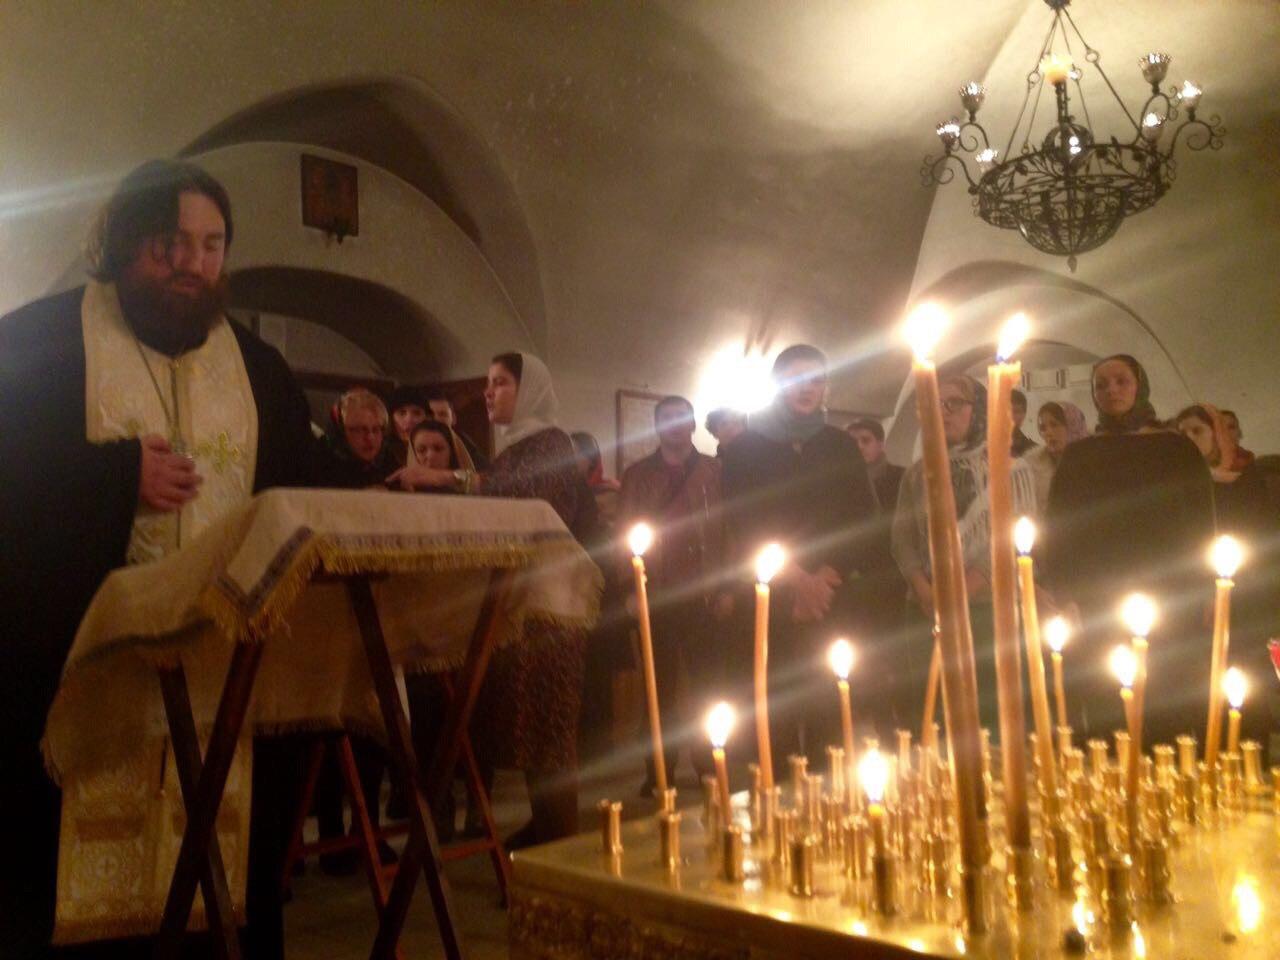 Панихида о упокоении Раисы Гундяевой в Даниловом монастыре